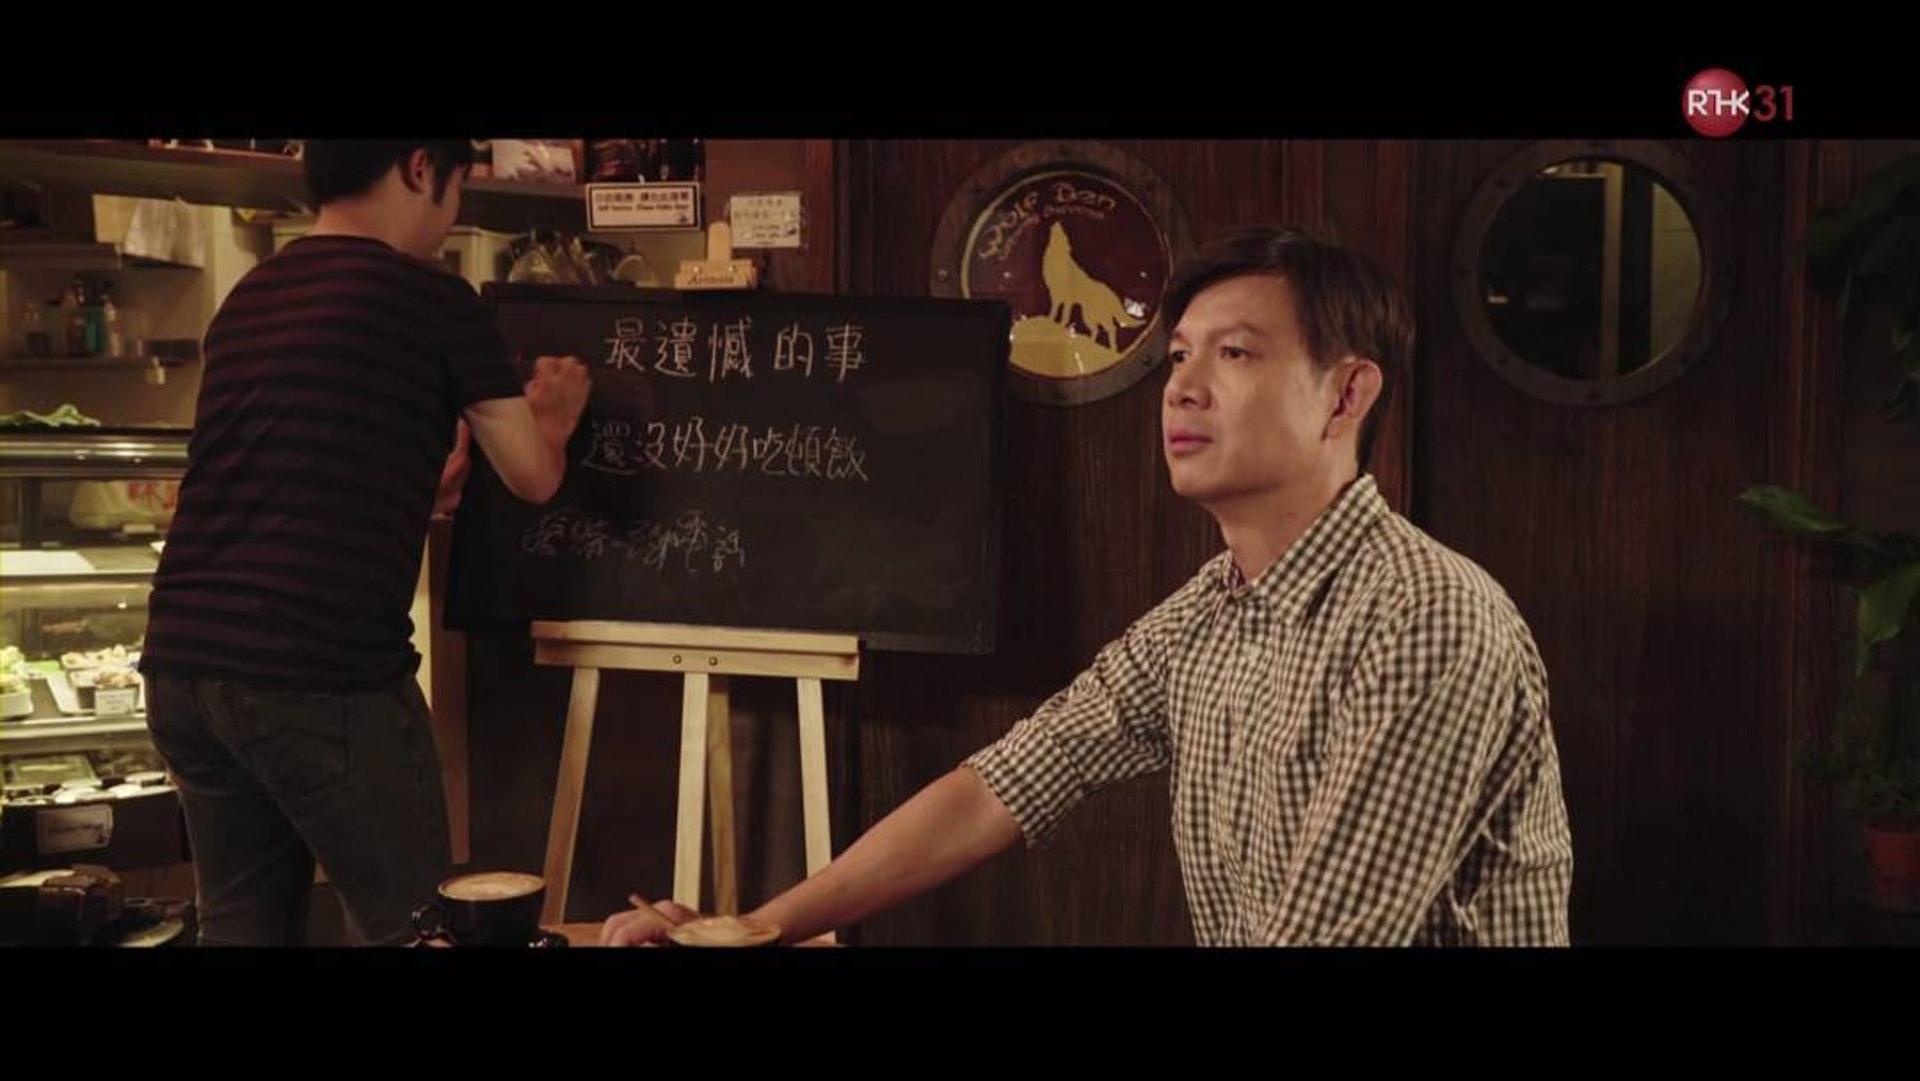 梁榮忠近年不但擔任港台DJ,也有演出港台節目。(網上圖片)